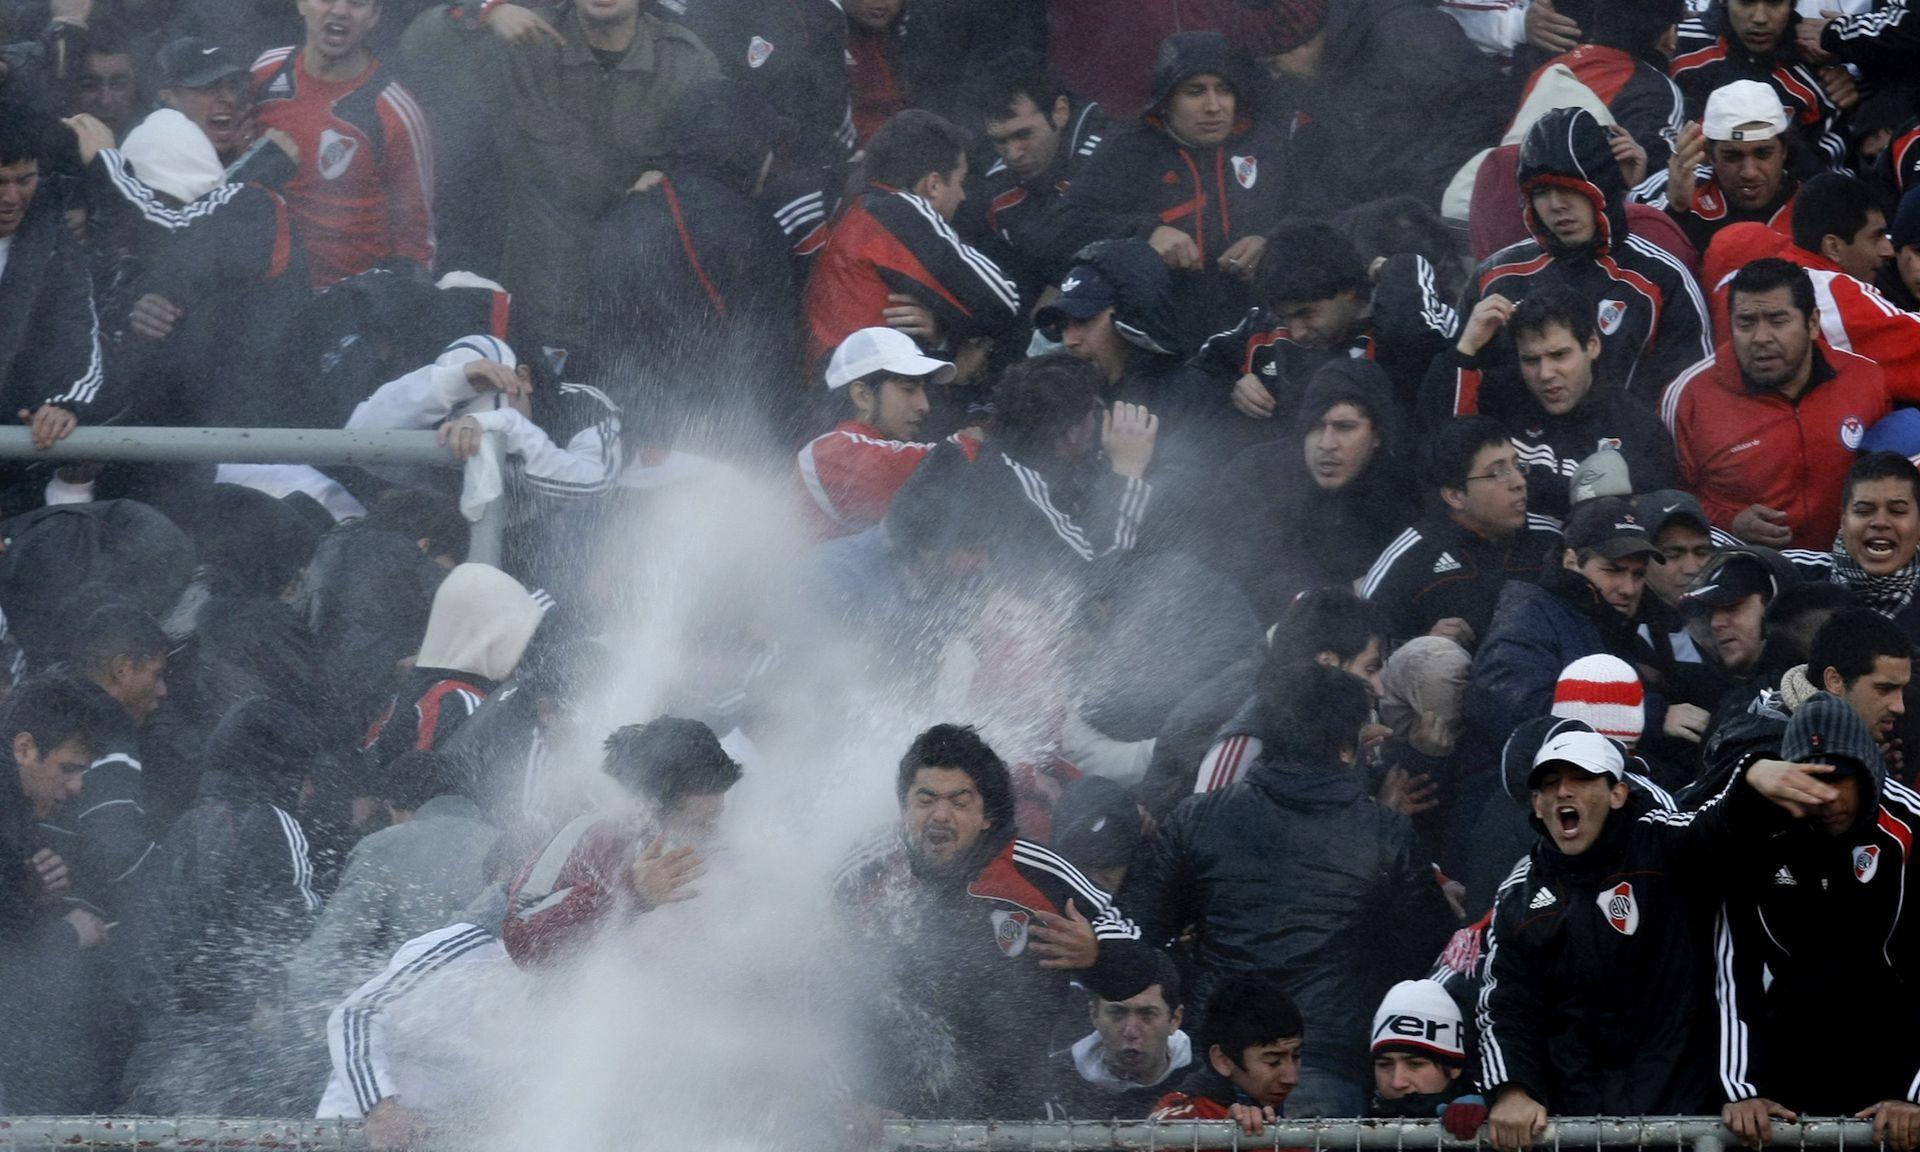 Enfurecidos por el descenso, algunos hinchas comenzaron a romper el estadio